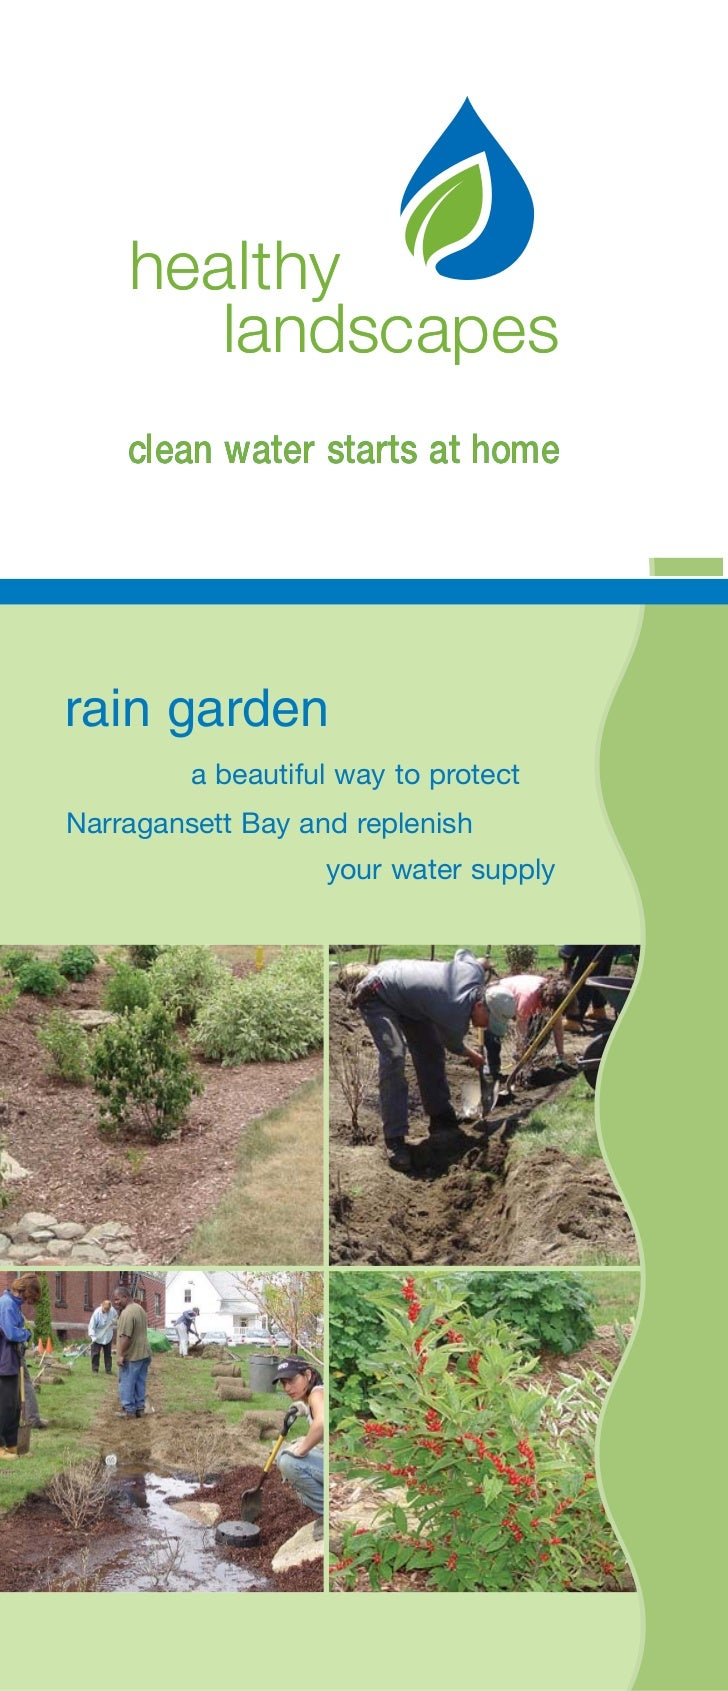 Rain Gardens for the Protection Narragansett Bay